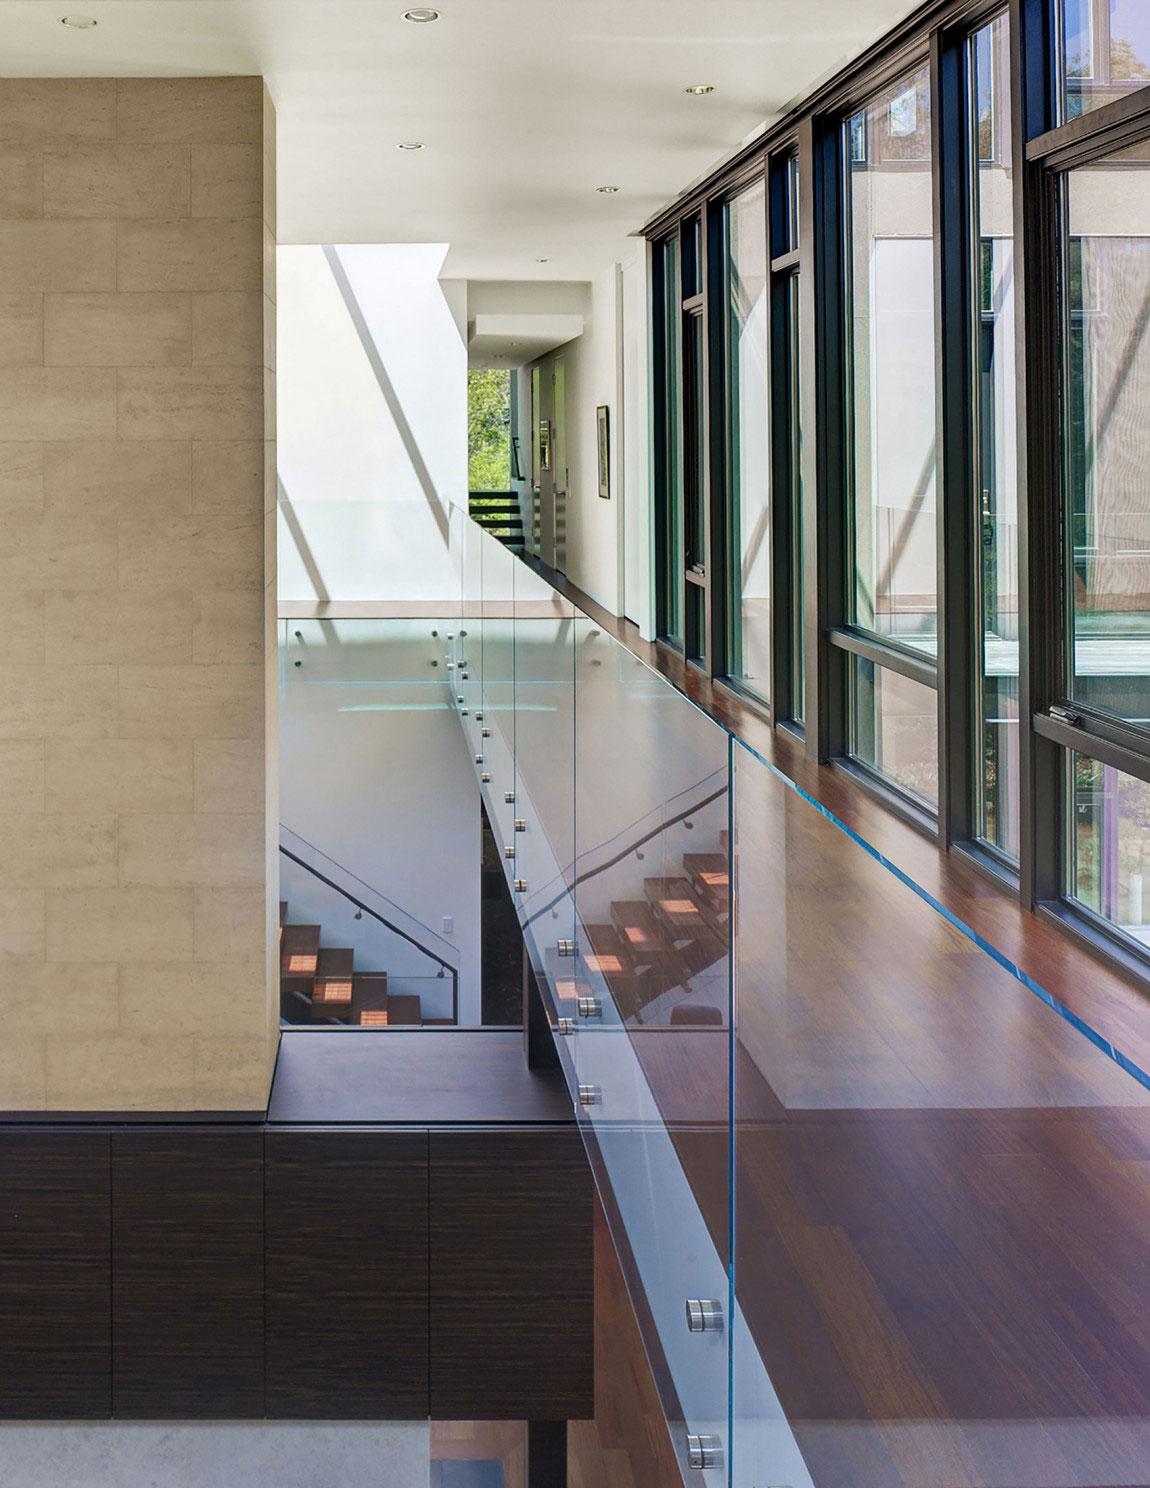 Brandywine-huset-är-en-inredning-och-arkitektur-inspiration-11 Brandywine-huset är en inspiration för inredning och arkitektur